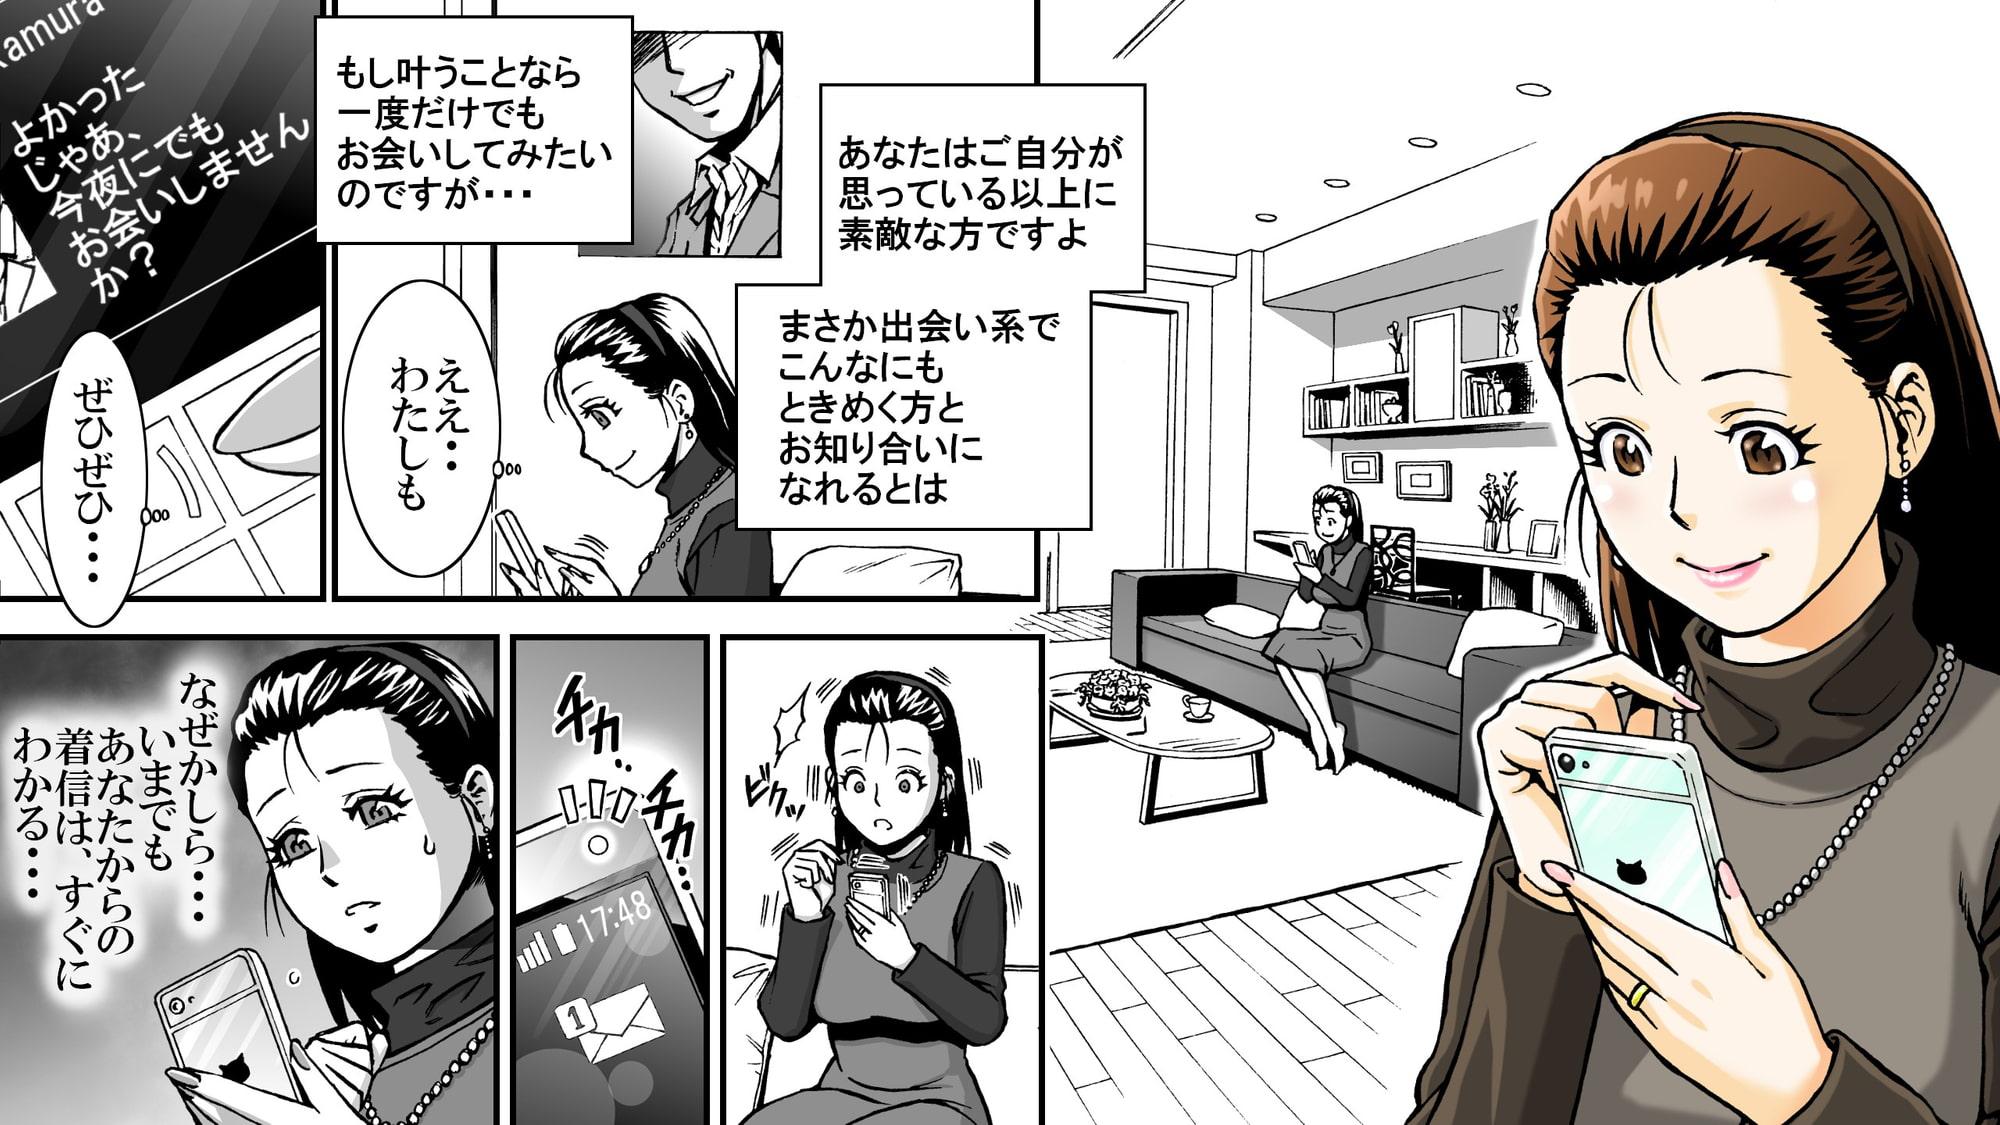 SNSの悲劇・不倫の代償 予告編